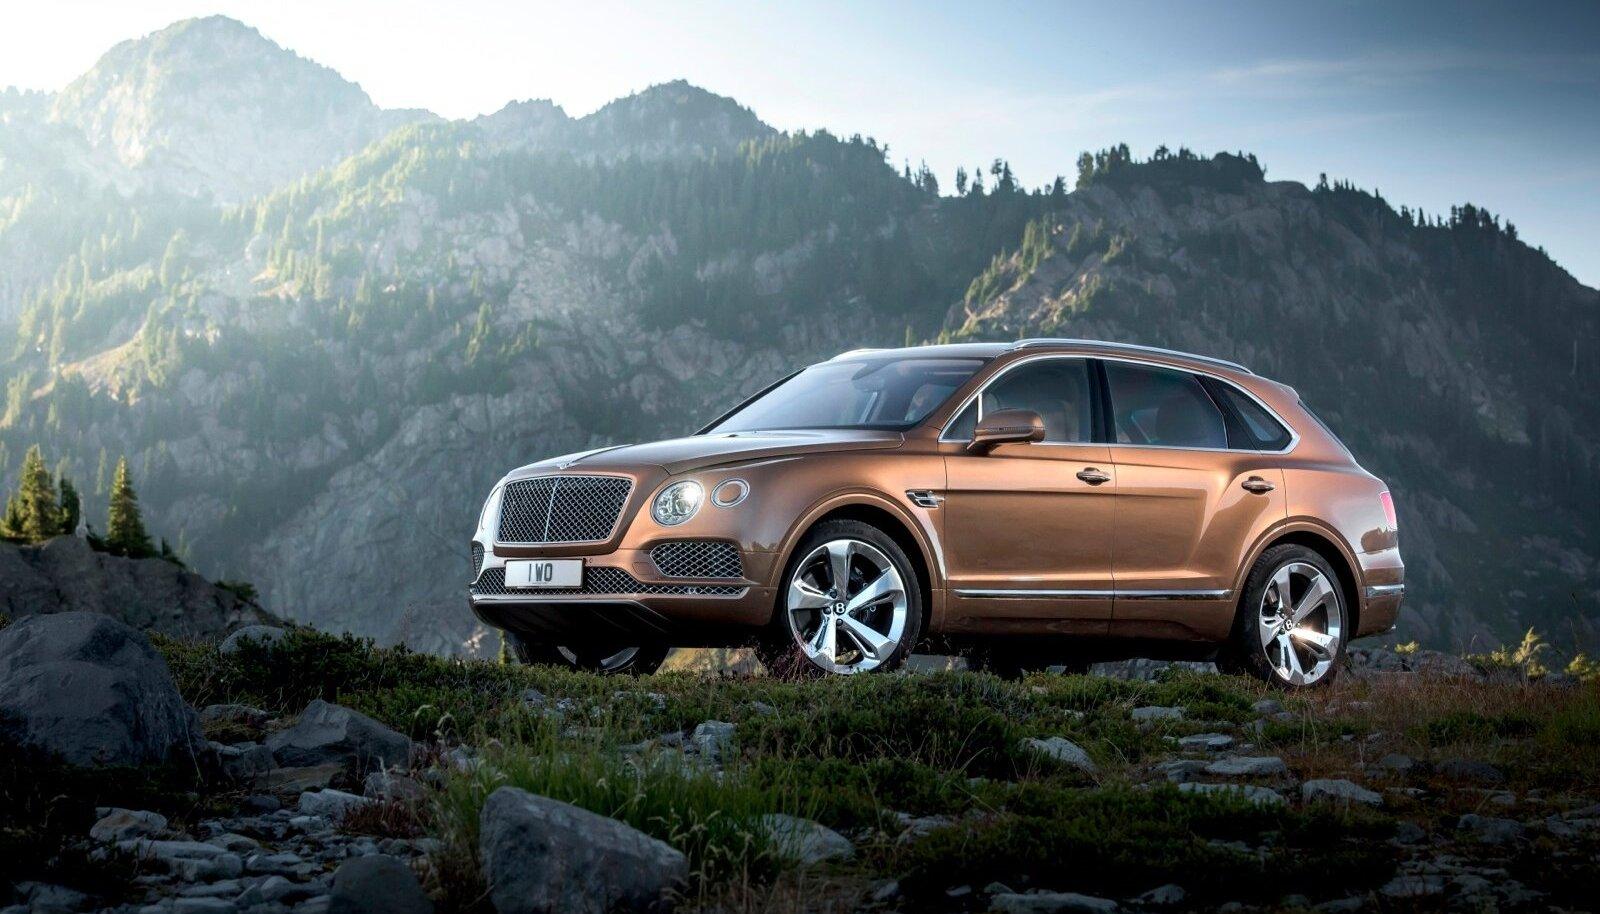 Bentayga tippkiirus 301 km/h tundub sellise kolaka kohta mõistusvastane, kuid Bentley taust ei saa väiksemat näitajat lubada. Kuueliitrine topeltturboga W12 bensiinimootor arendab võimsust 447 kW (608 hj) ja pakub muljetavaldavat pöördemomenti 900 Nm.